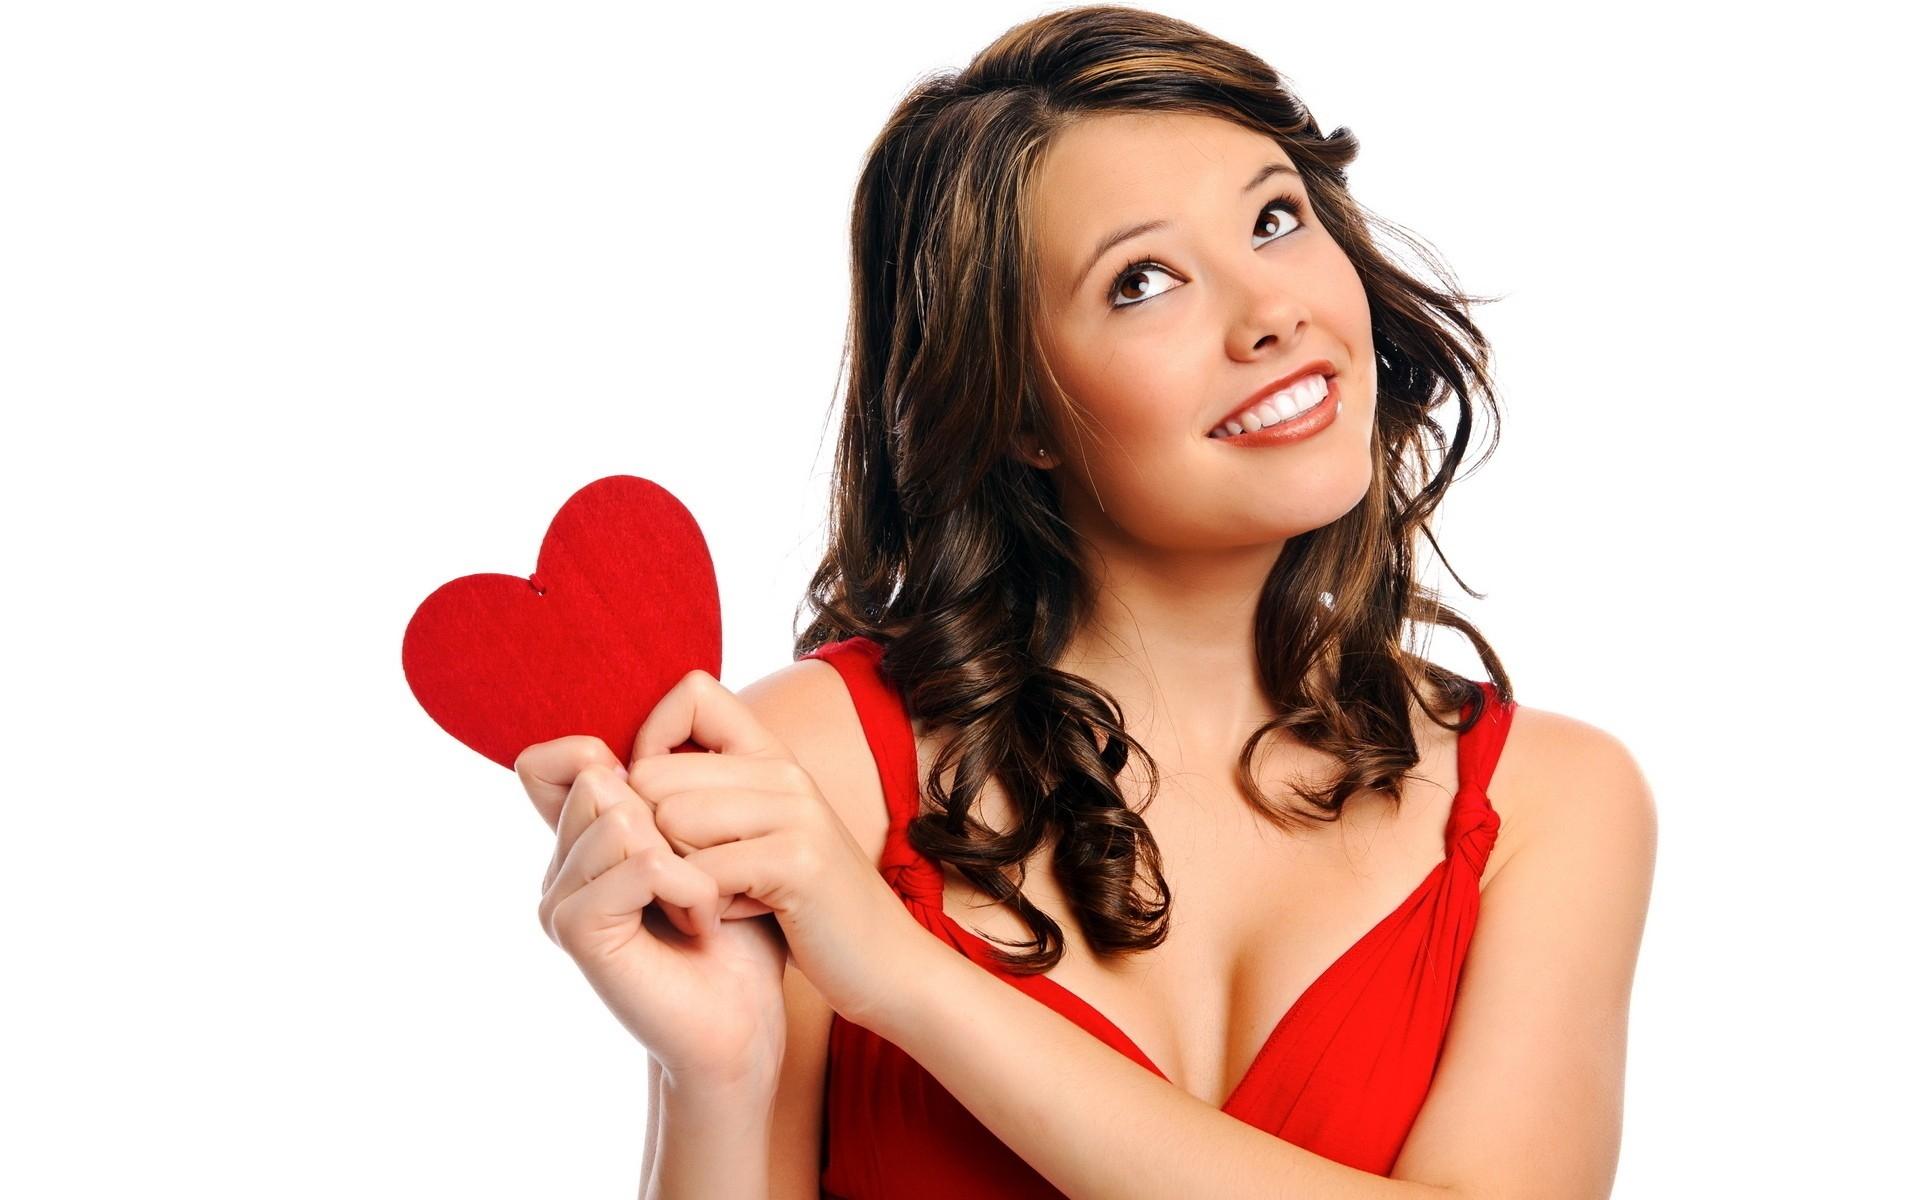 buscando mujeres para hacer el amor